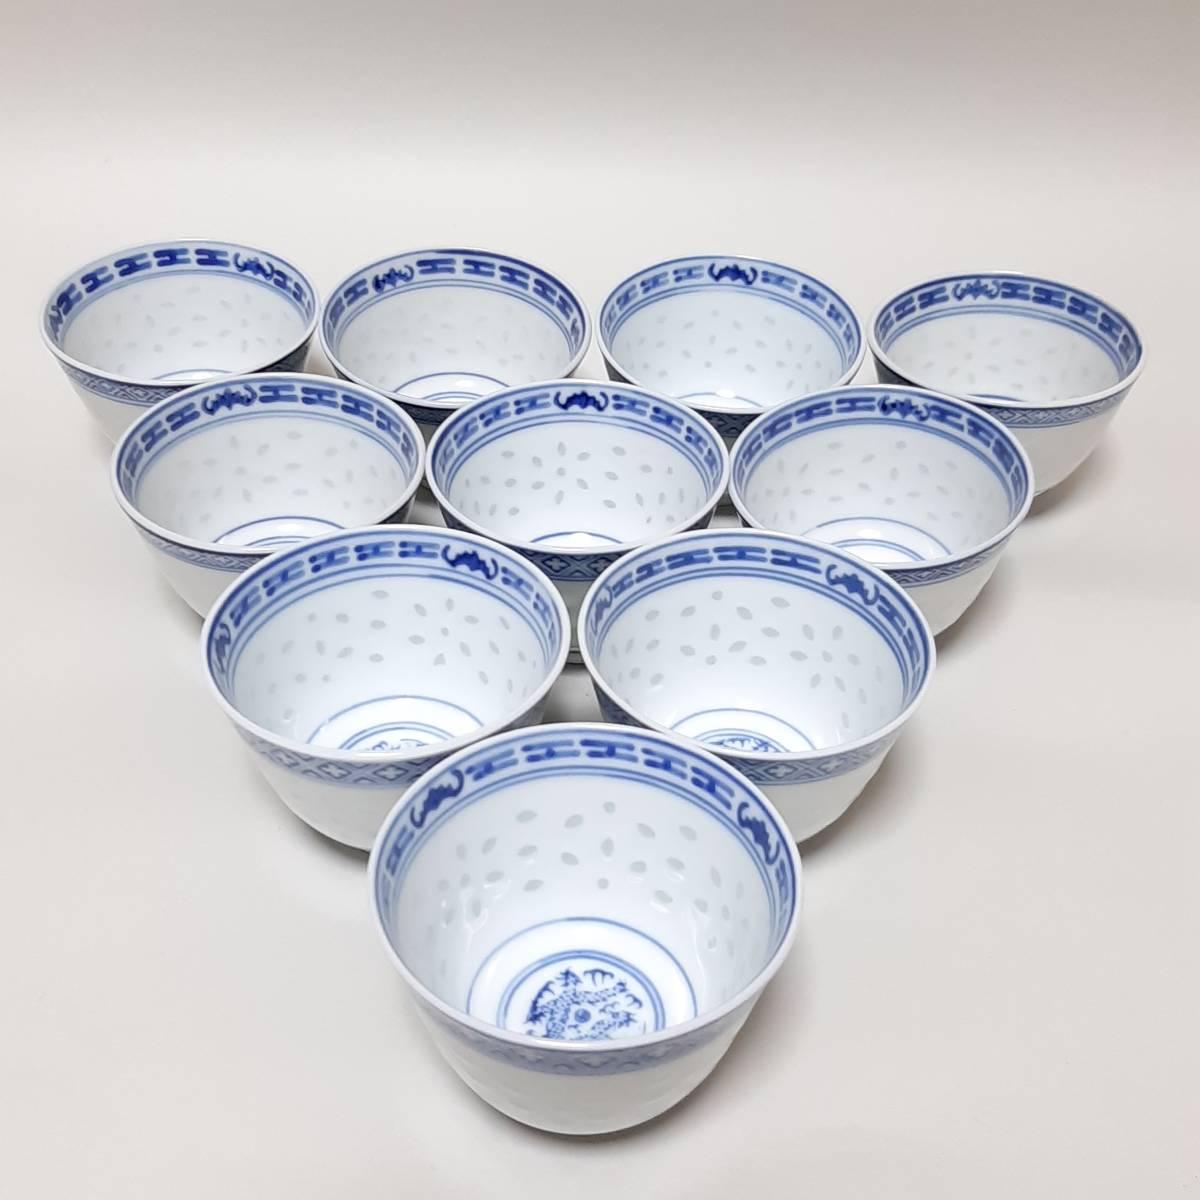 玩玉 蛍手 煎茶碗 10客 中国景徳鎮 清